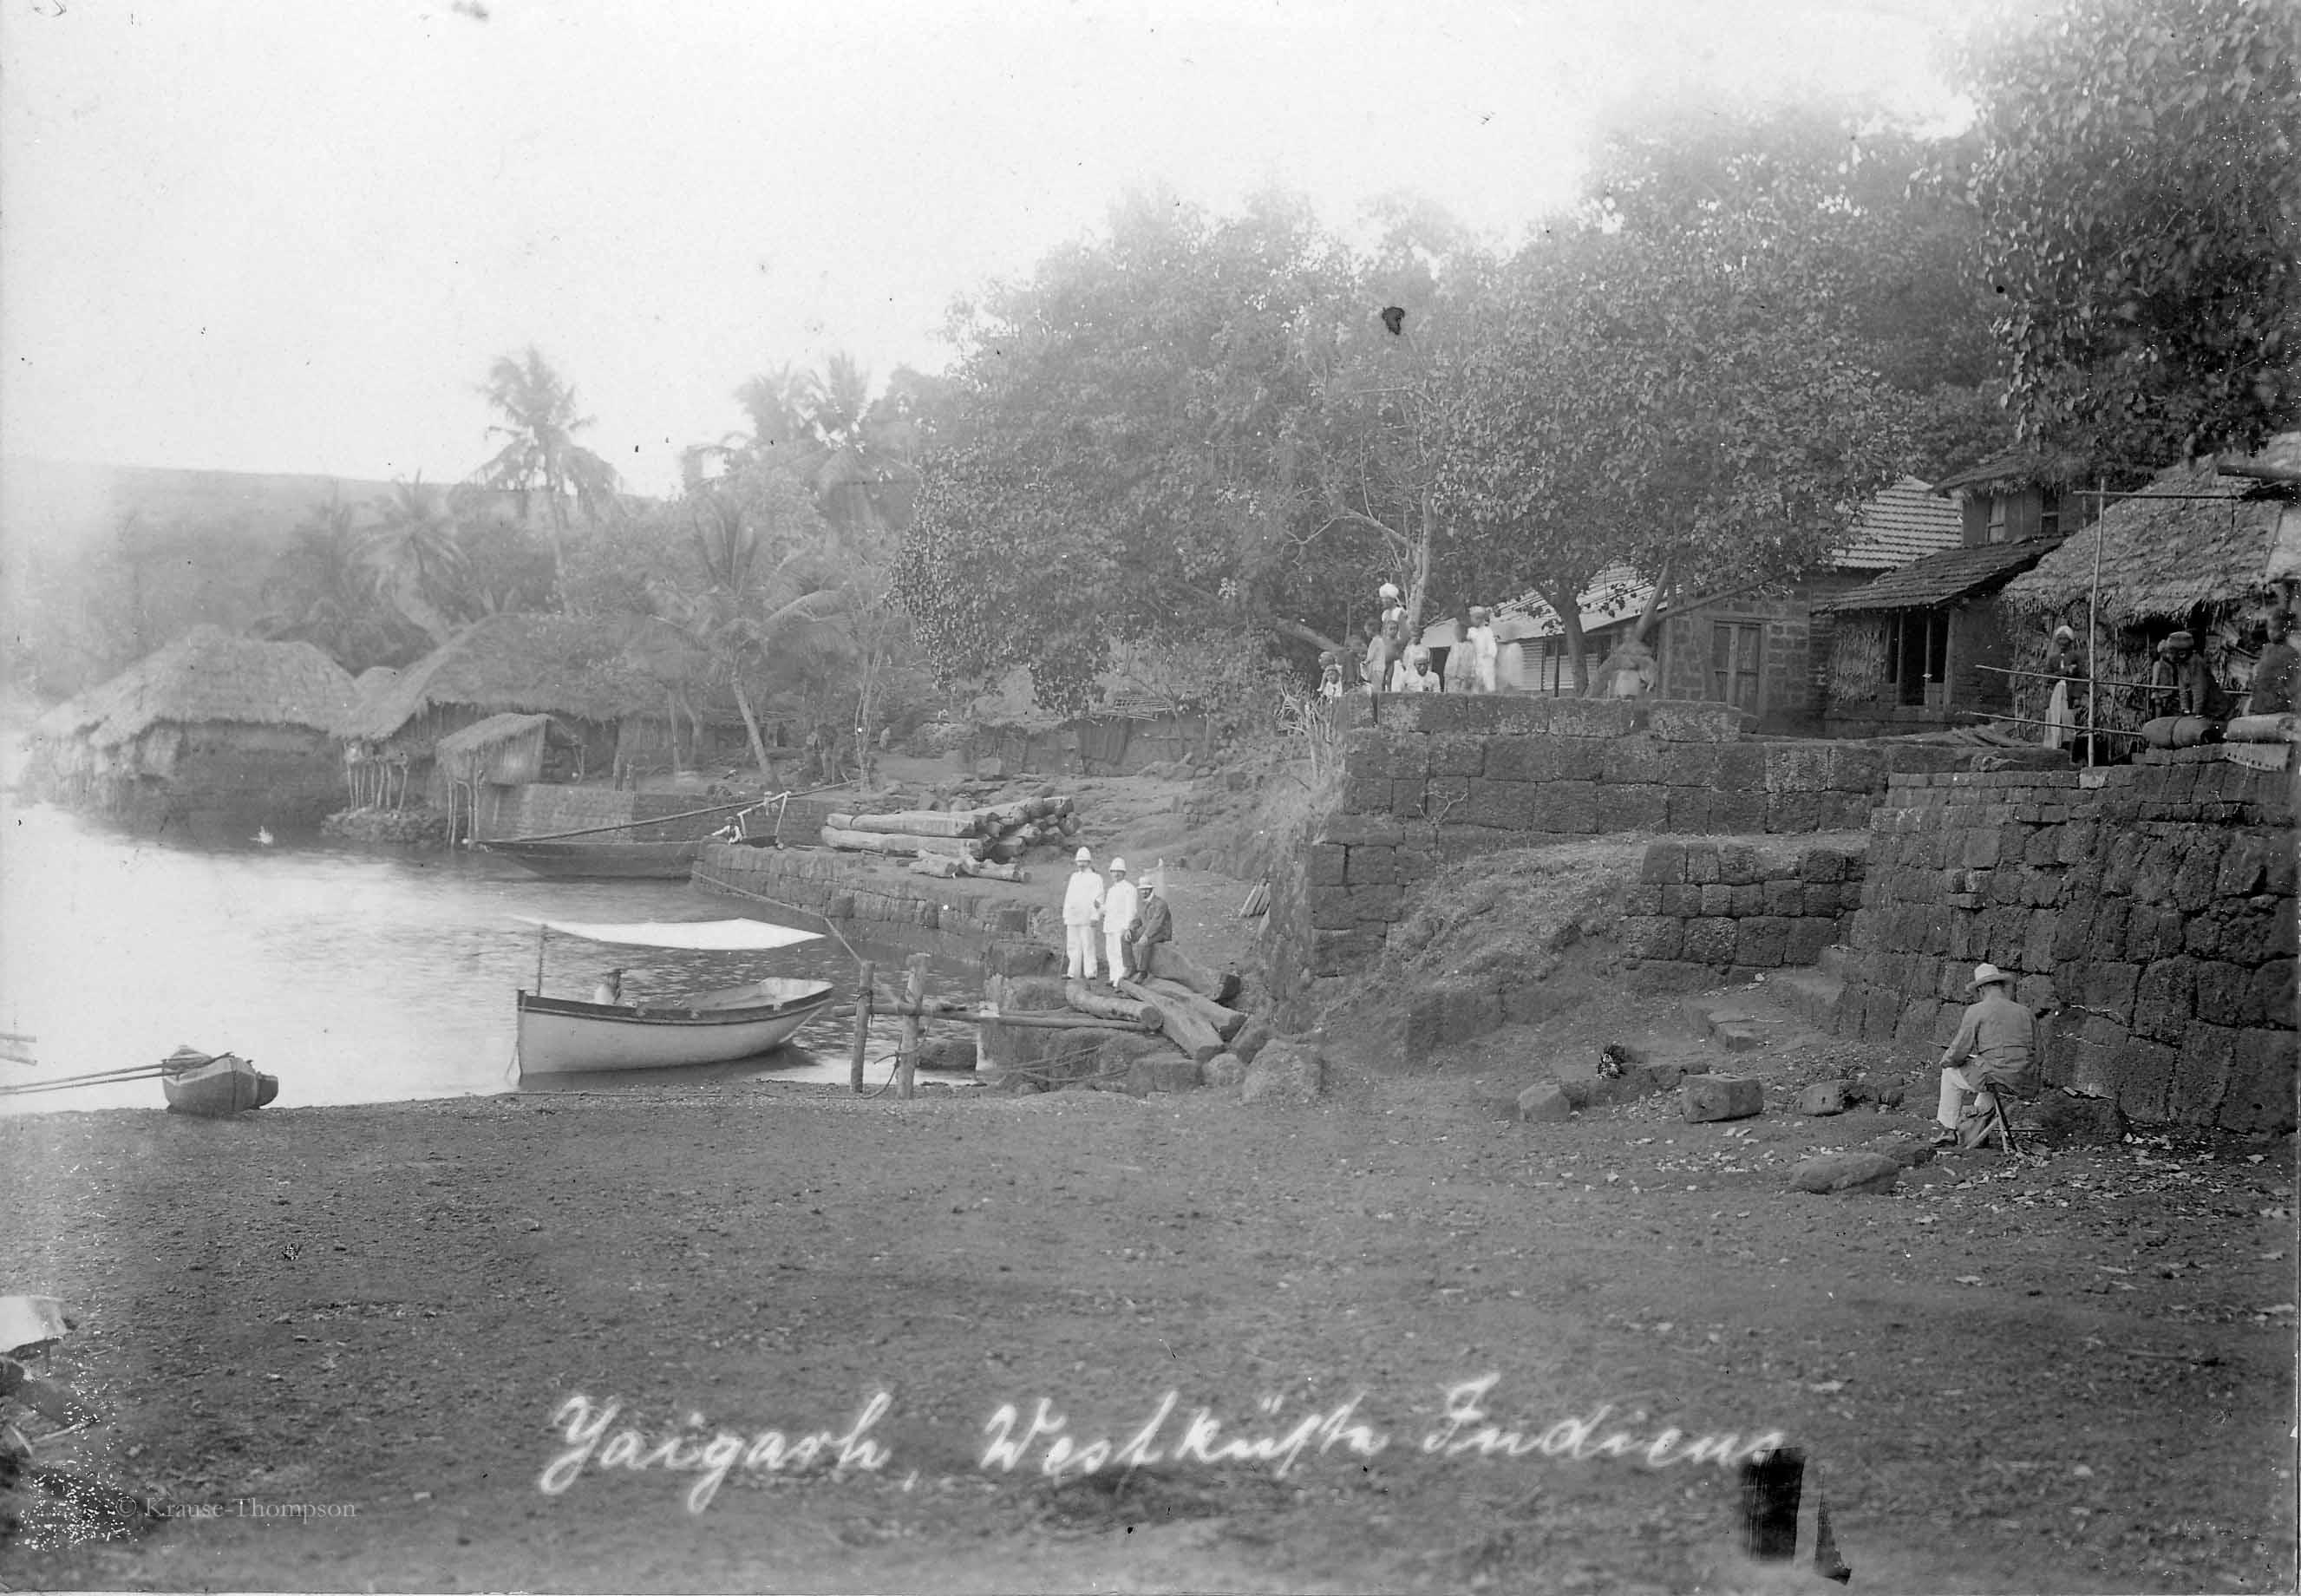 Yaigarh west coast India